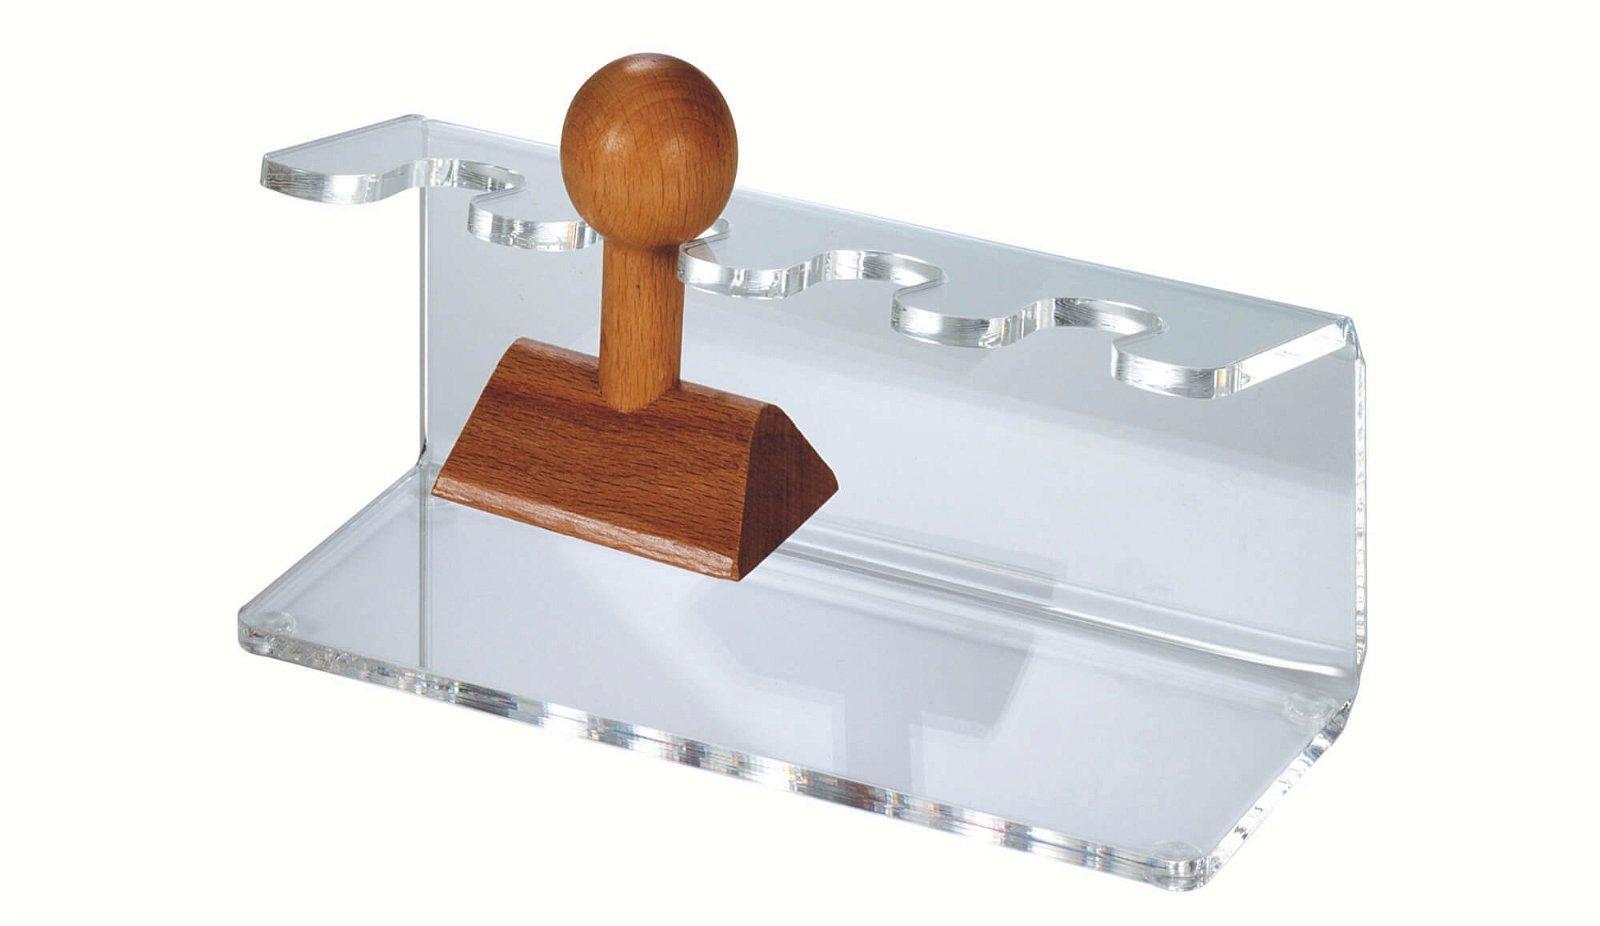 Acryl-Stempelträger, gerade Form, 4 Stempel, glasklar